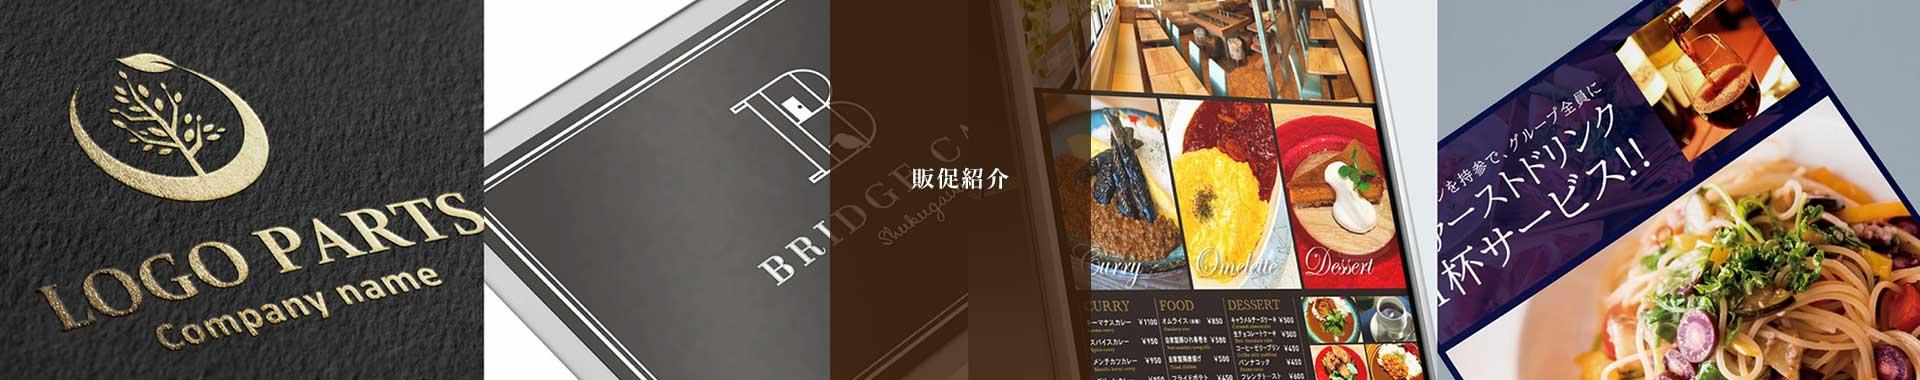 販促紹介 東京神奈川の飲食店設計施工のHACOLABO(ハコラボ)(商業空間デザイン・舞台美術造形・ロゴイラストデザイン等)